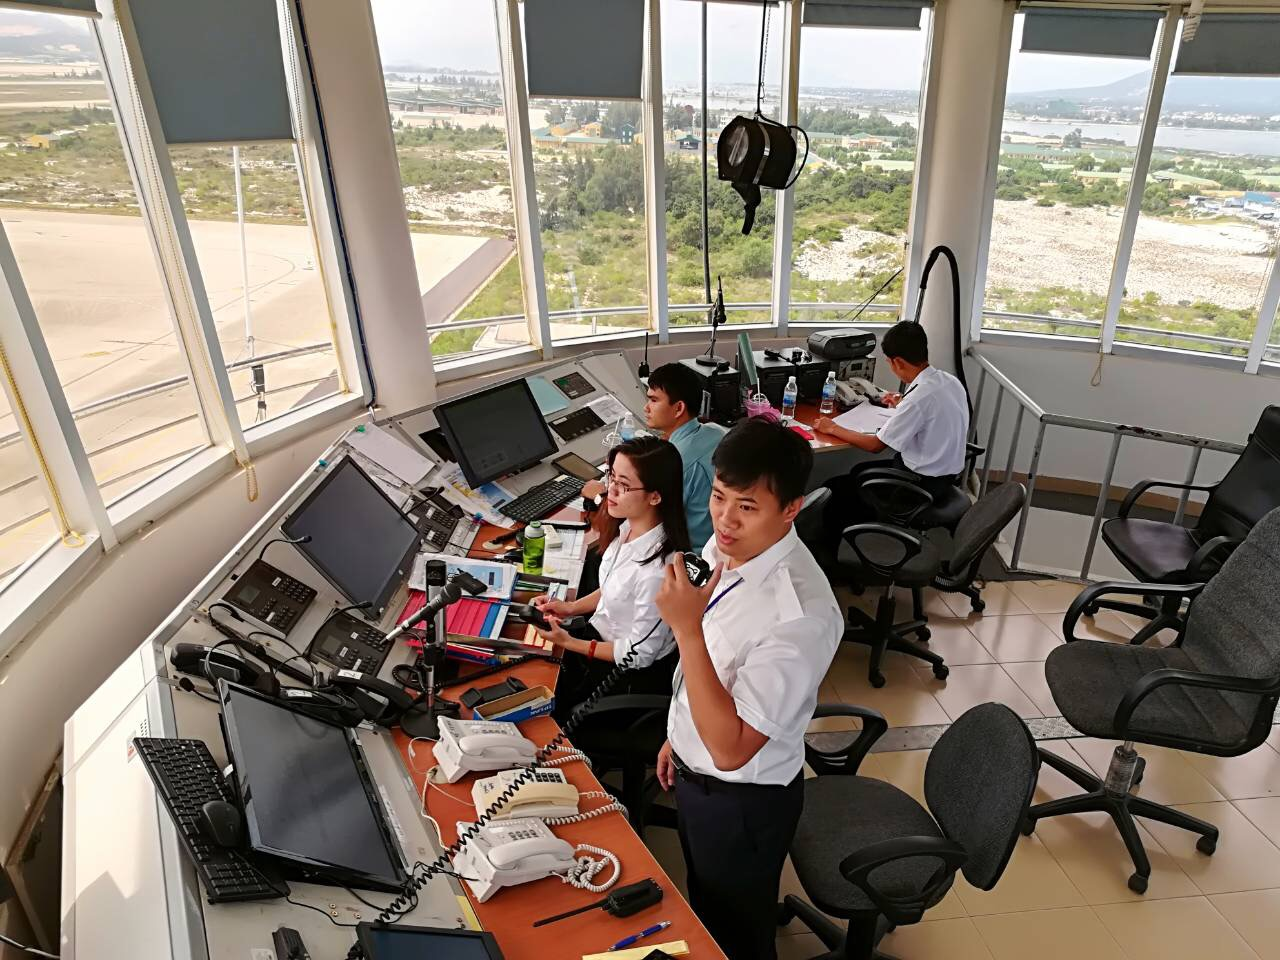 Áp dụng phương thức điều hành bay mới tại sân bay Cam Ranh - Ảnh 1.